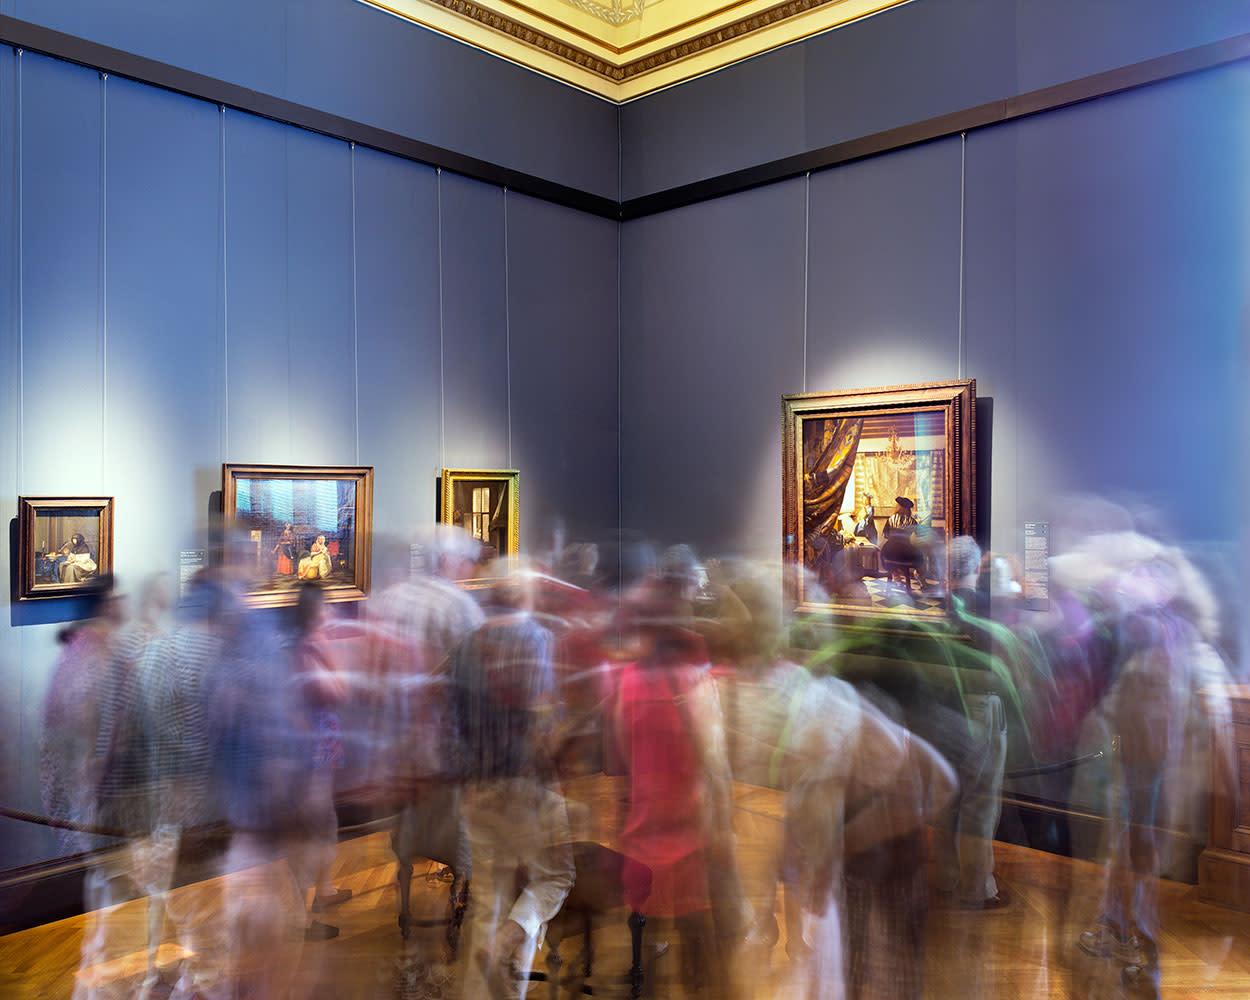 Vermeer's The Art of Painting, Vienna Kuntsthistorisches Museum, 2014